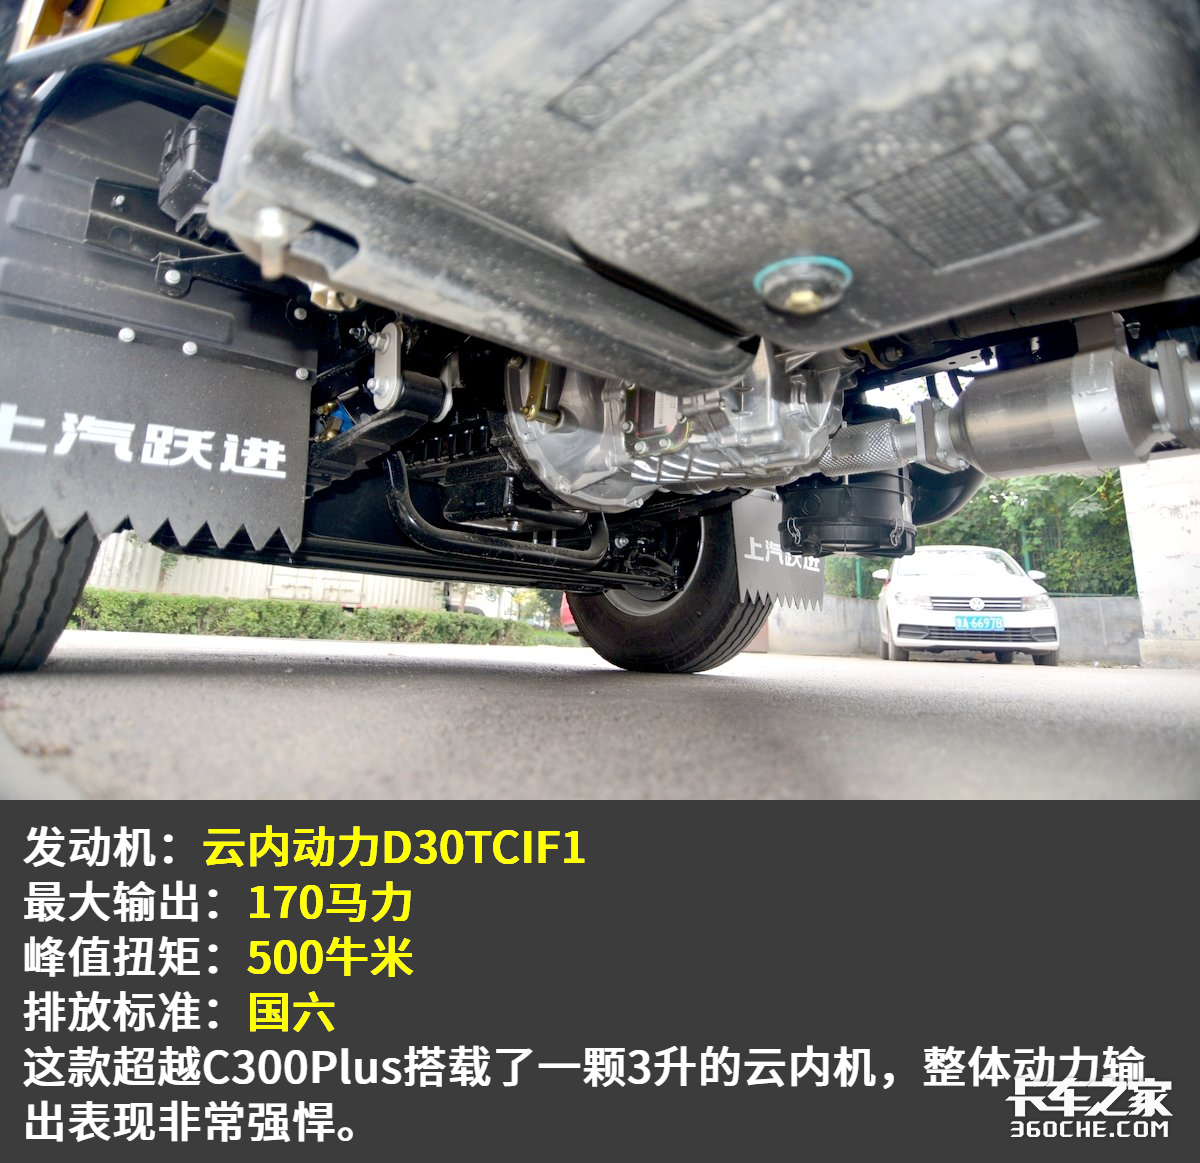 国六170马力配小速比后桥!超越C300Plus诠释了高端双排轻卡